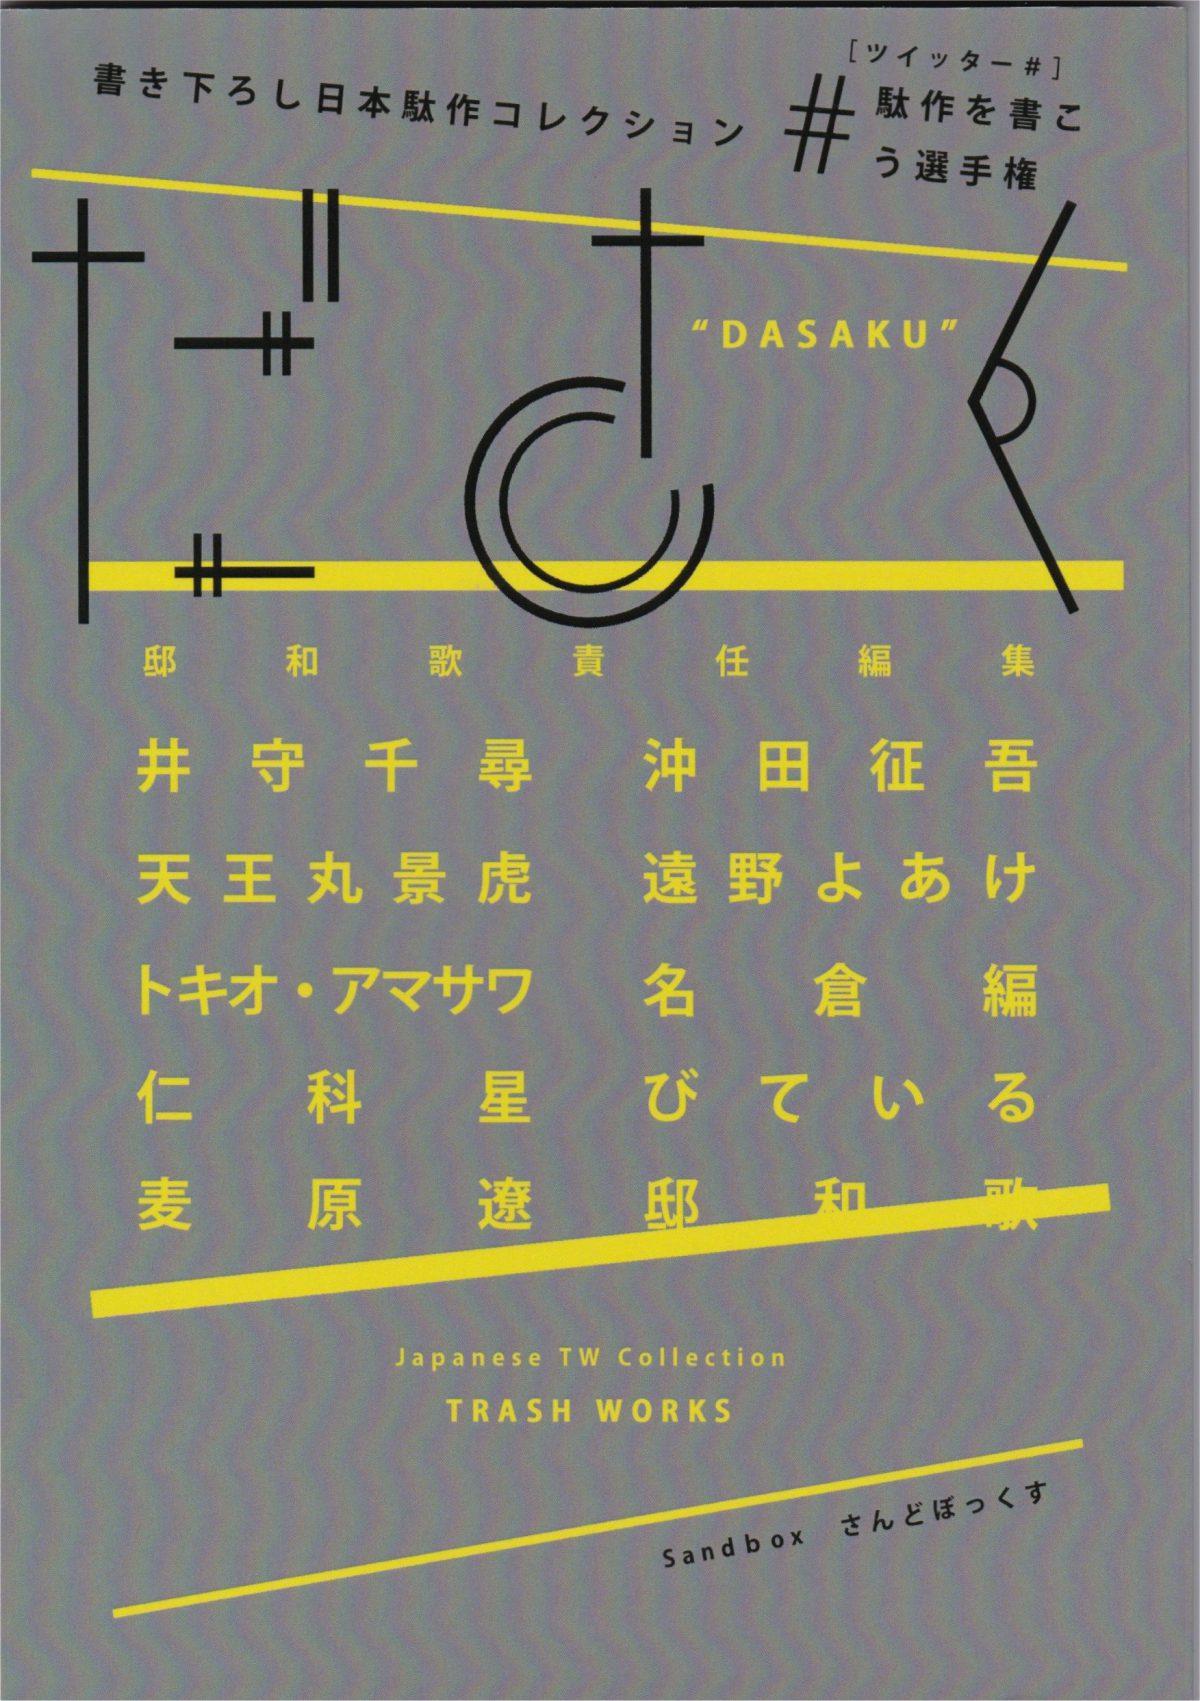 書き下ろし日本駄作コレクション ださく – 難しい読書でしたが邸和歌は見事な駄作でした。